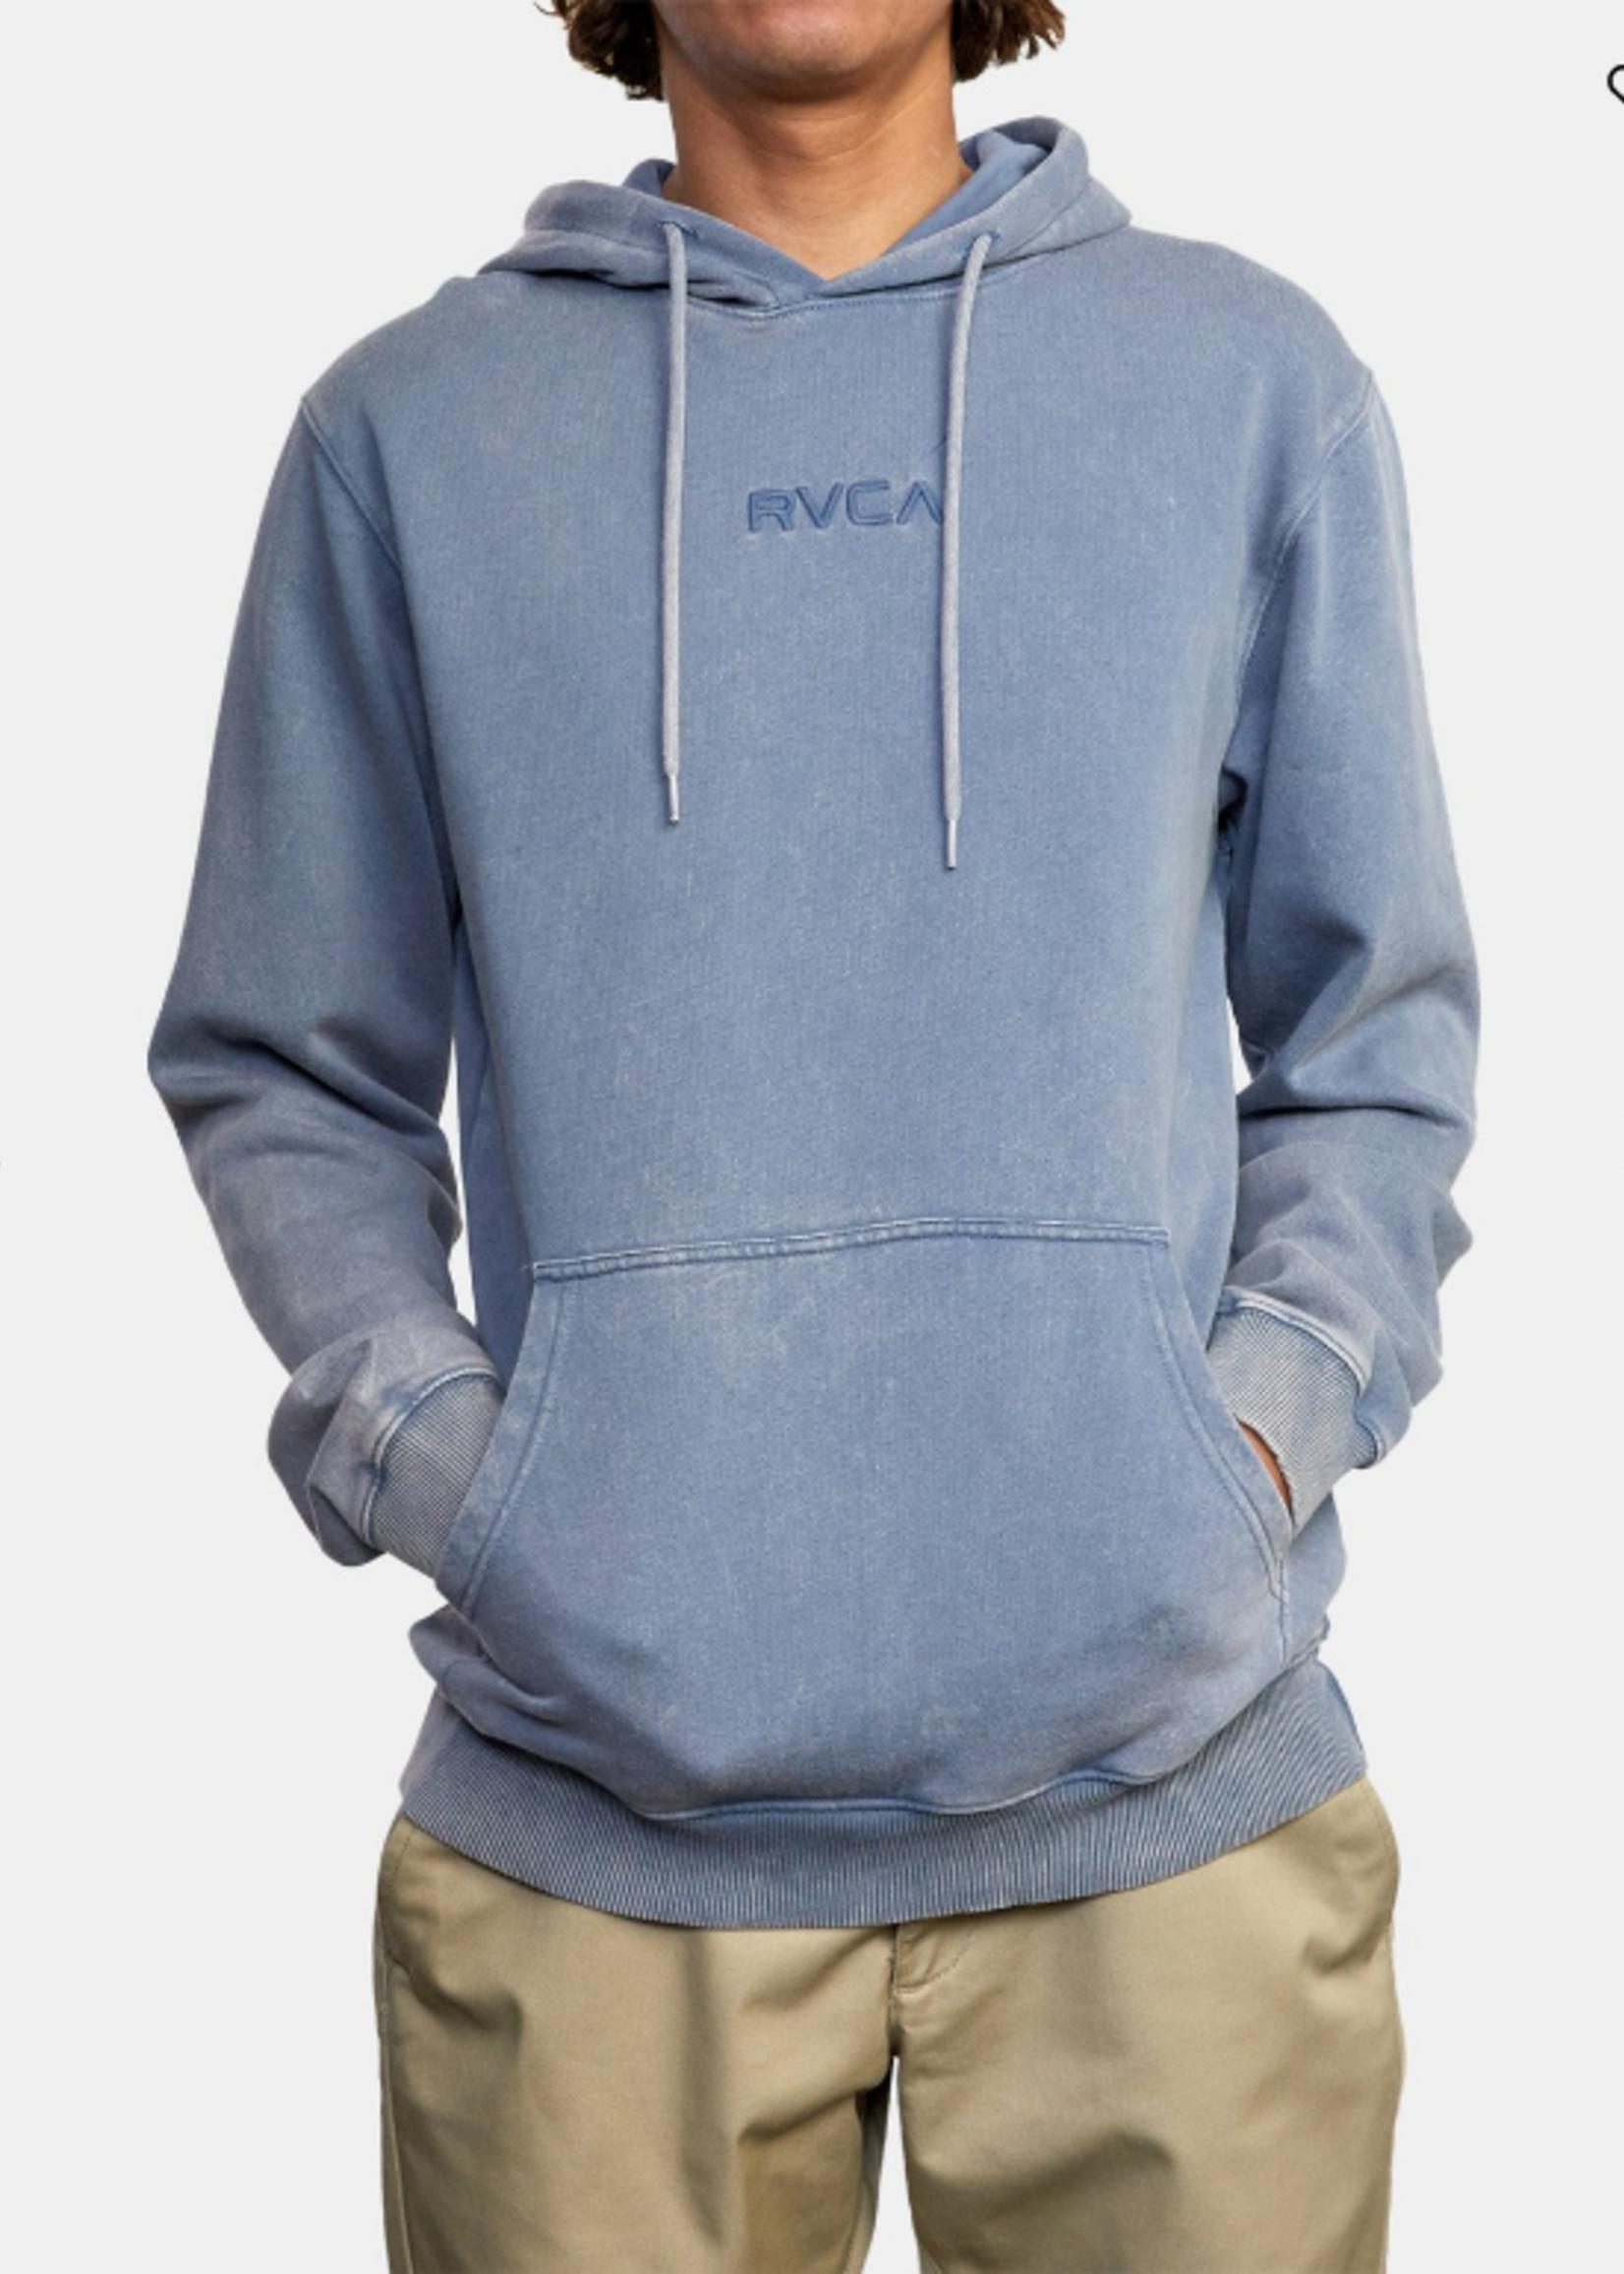 RVCA Mineral Hoodie - Slate